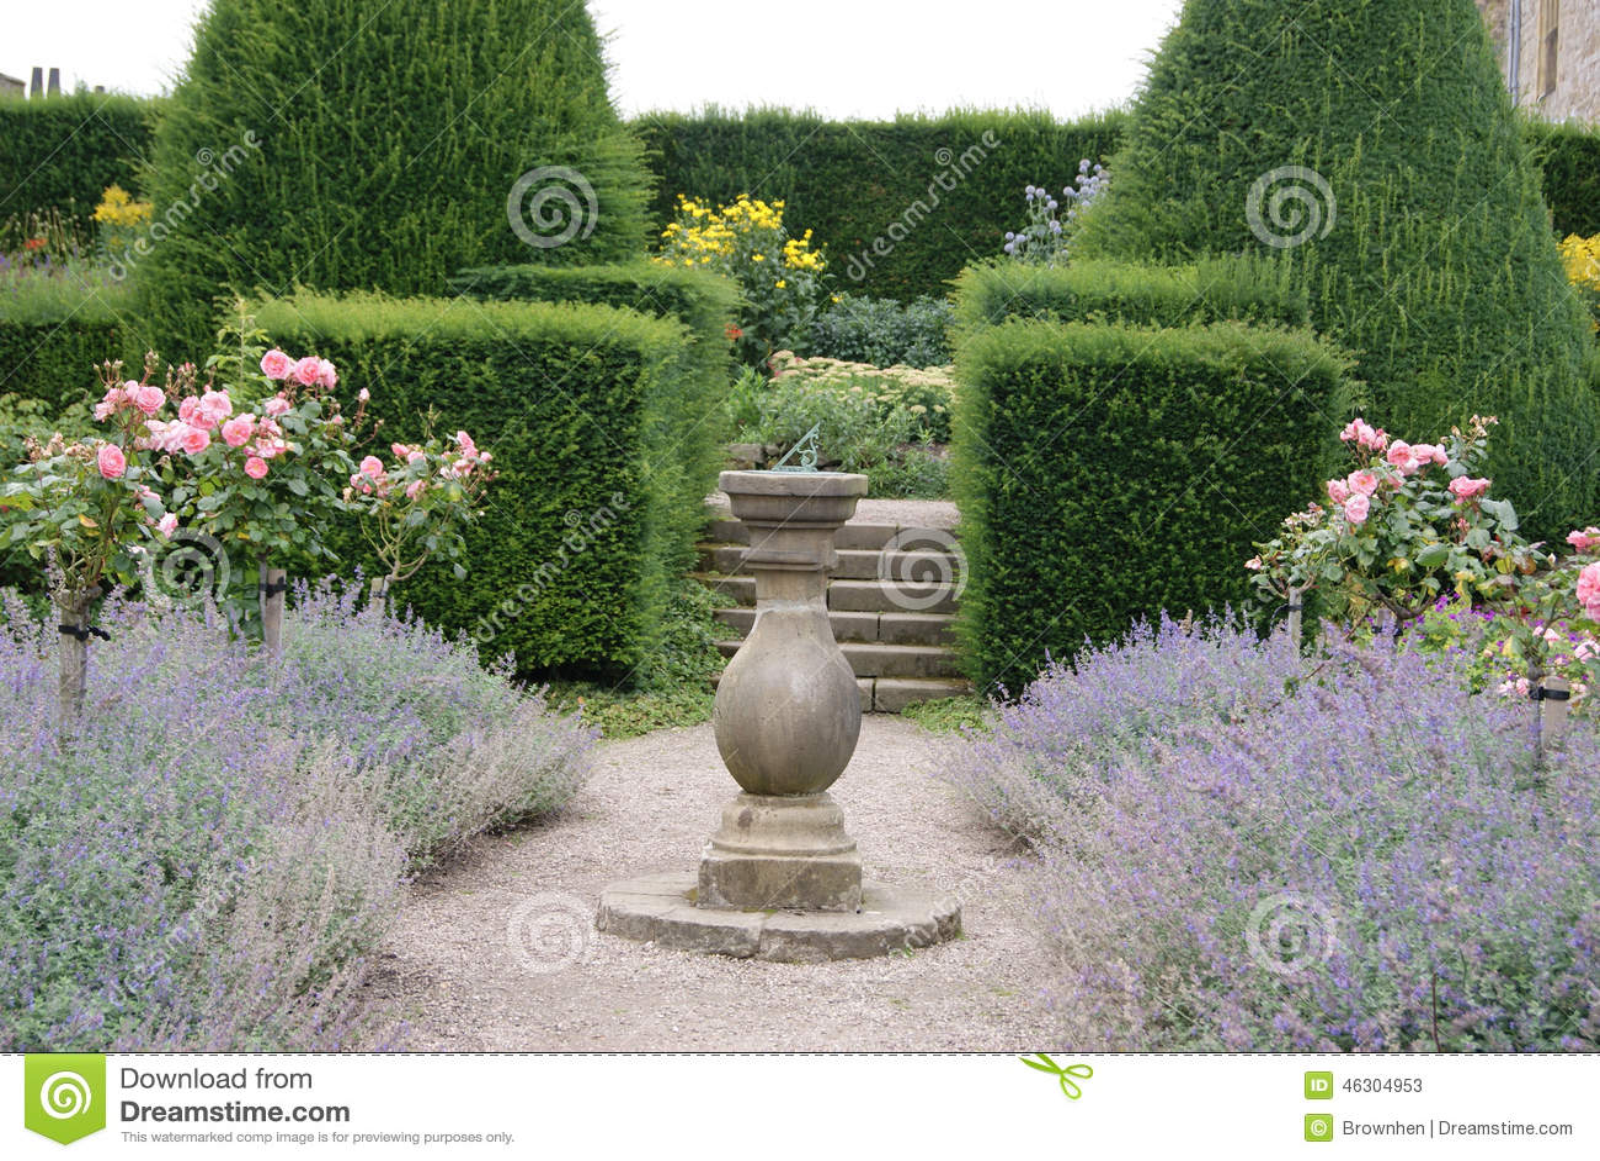 Sundial In Garden